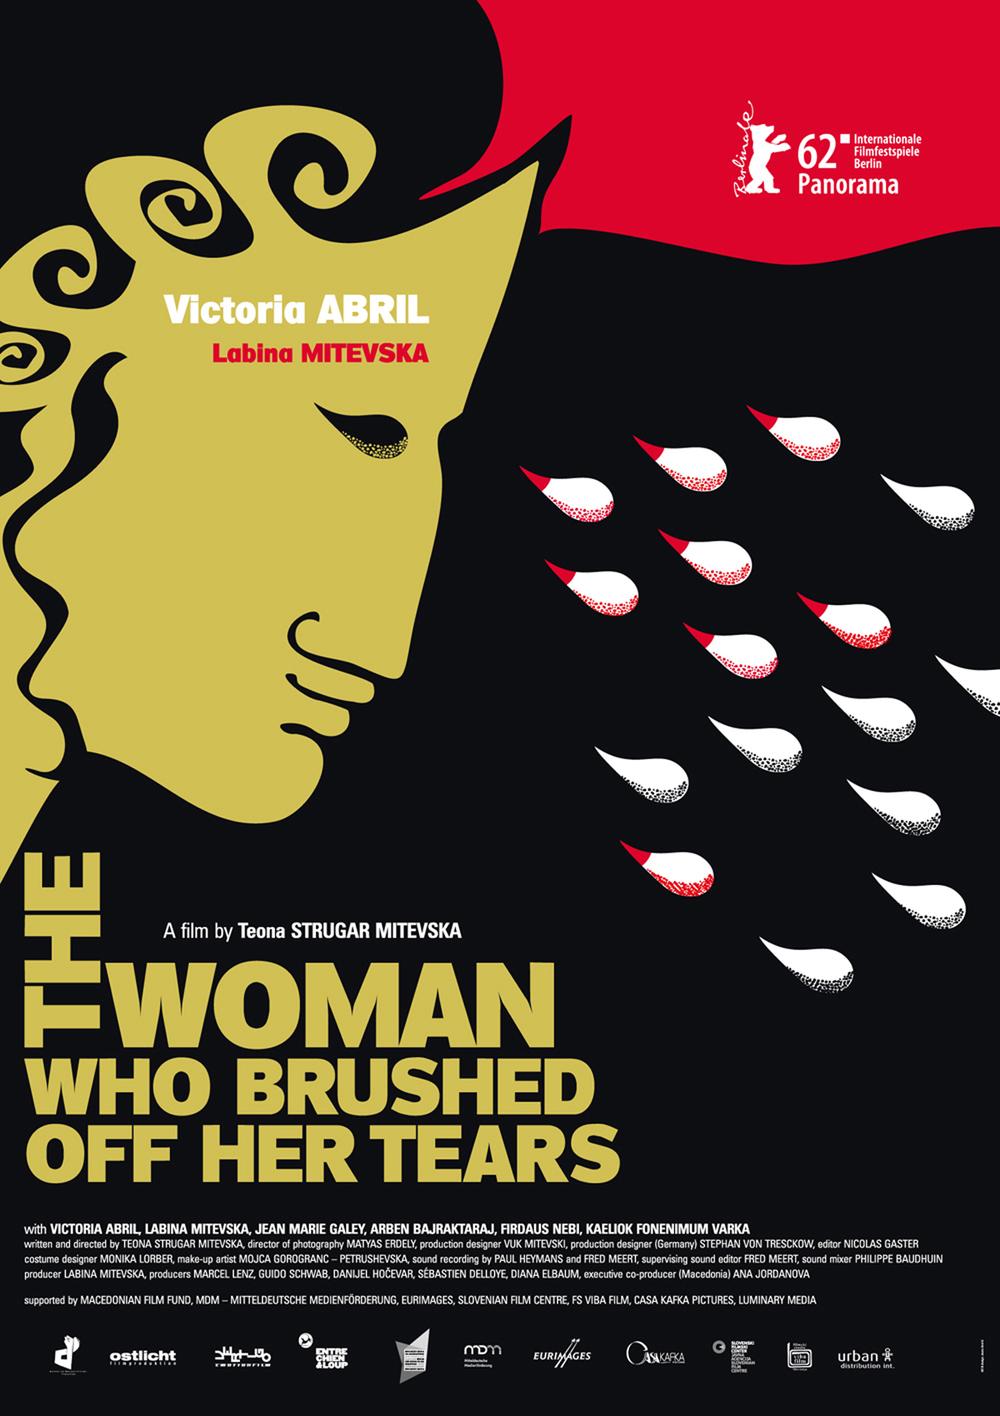 Claritta Kratochwil - TheWomanWhoBrushedOffHerTears_ostlicht filmproduktion.jpg